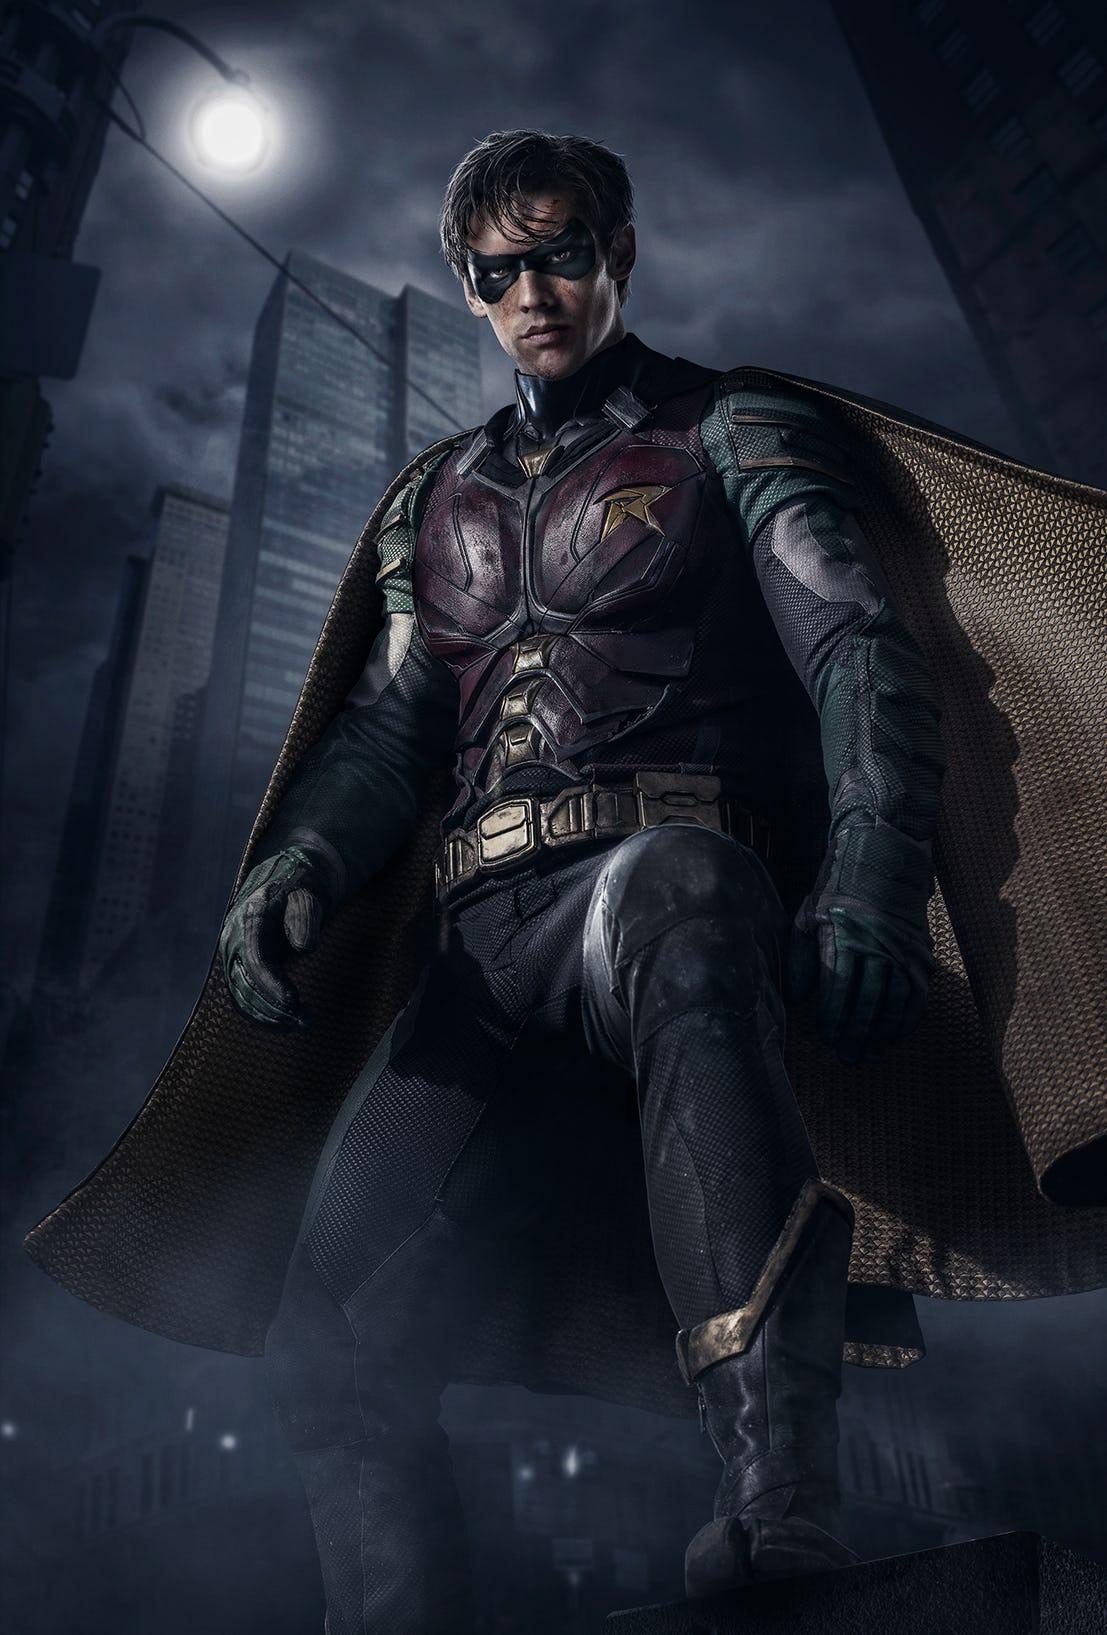 titans-robin-costume-full-reveal.jpg